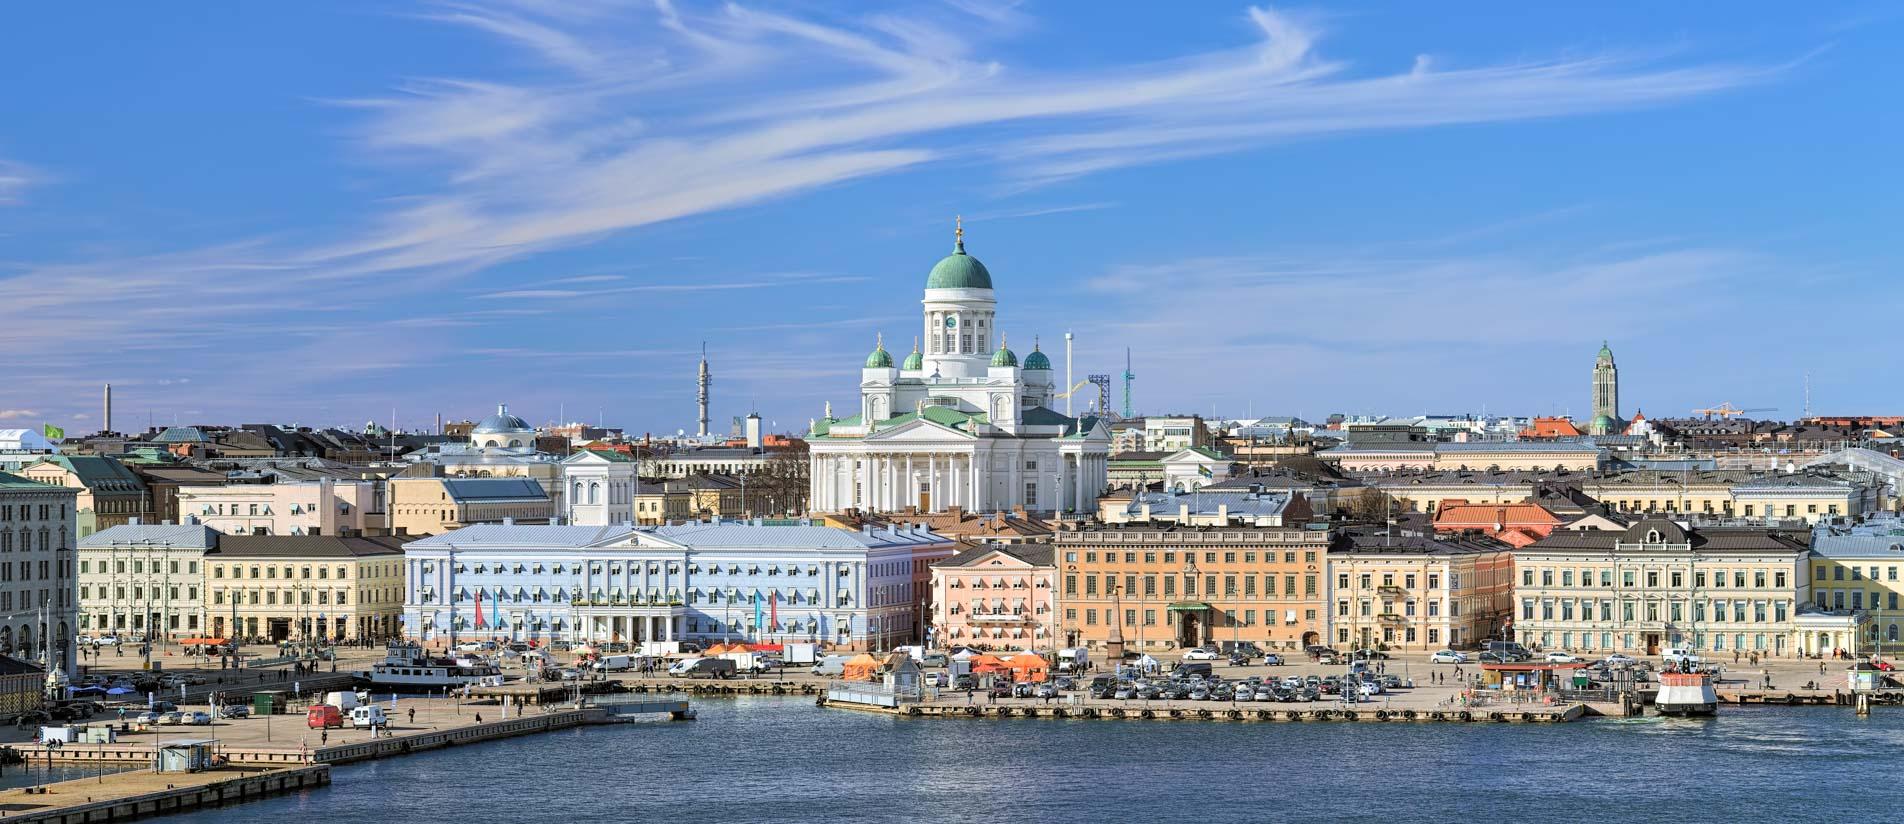 Почему в Финляндии жить хорошо?